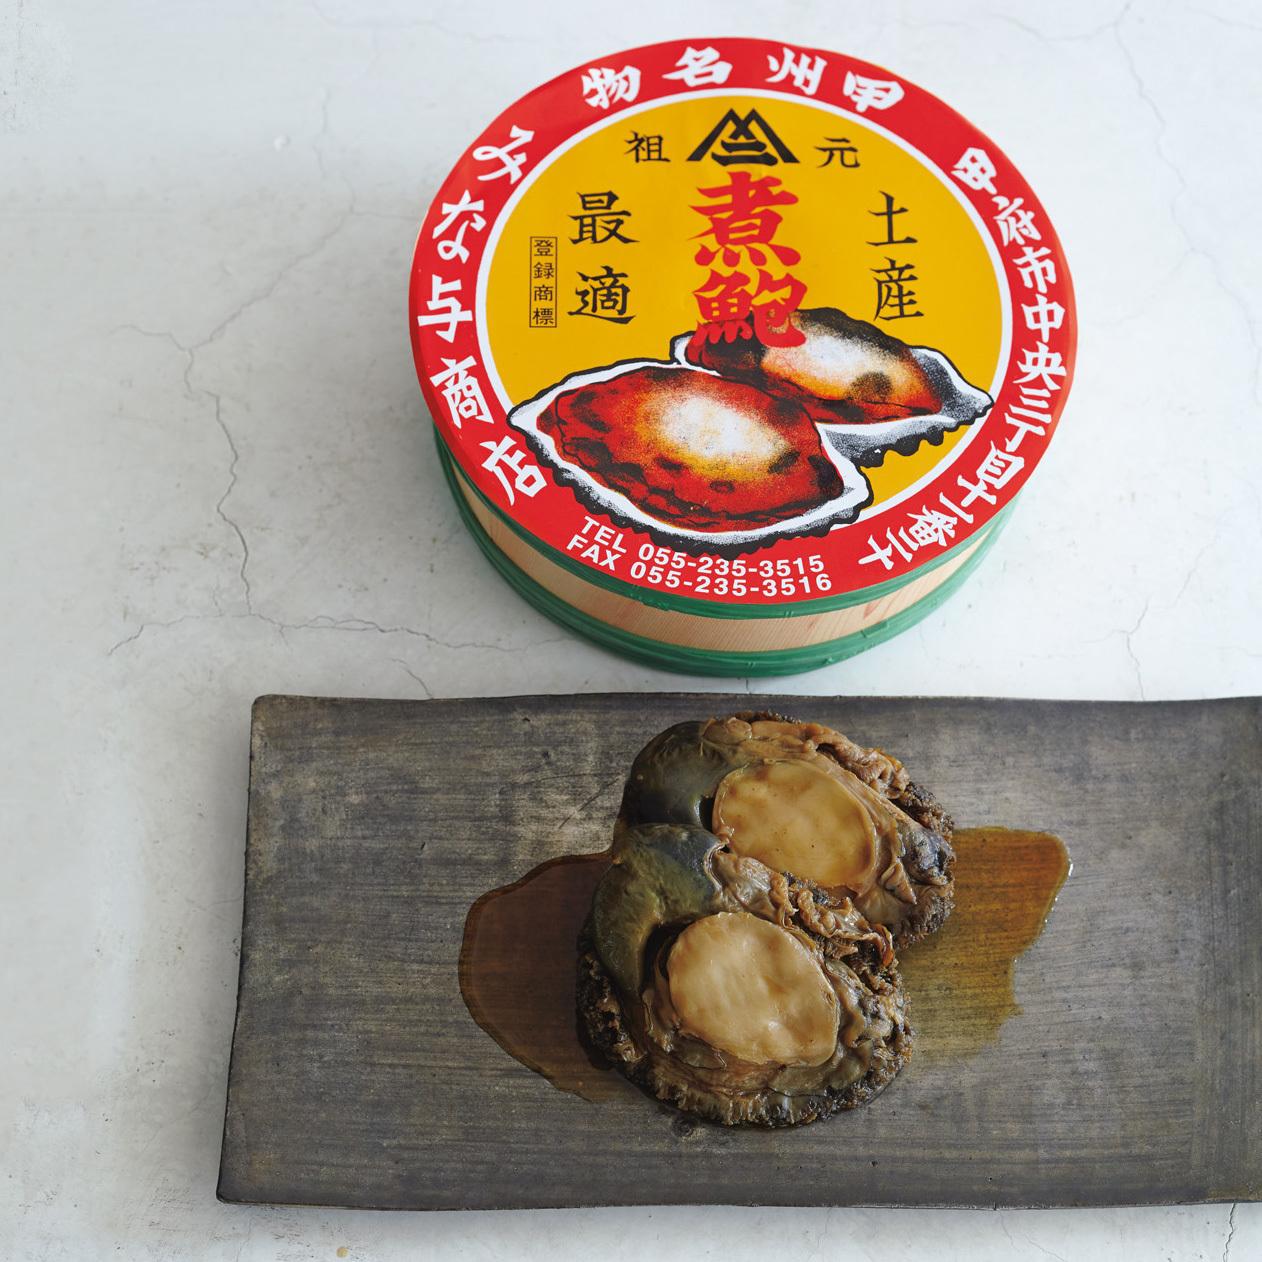 創業400年の老舗があわびにこだわった、みな与の「あわびの煮貝」_1_1